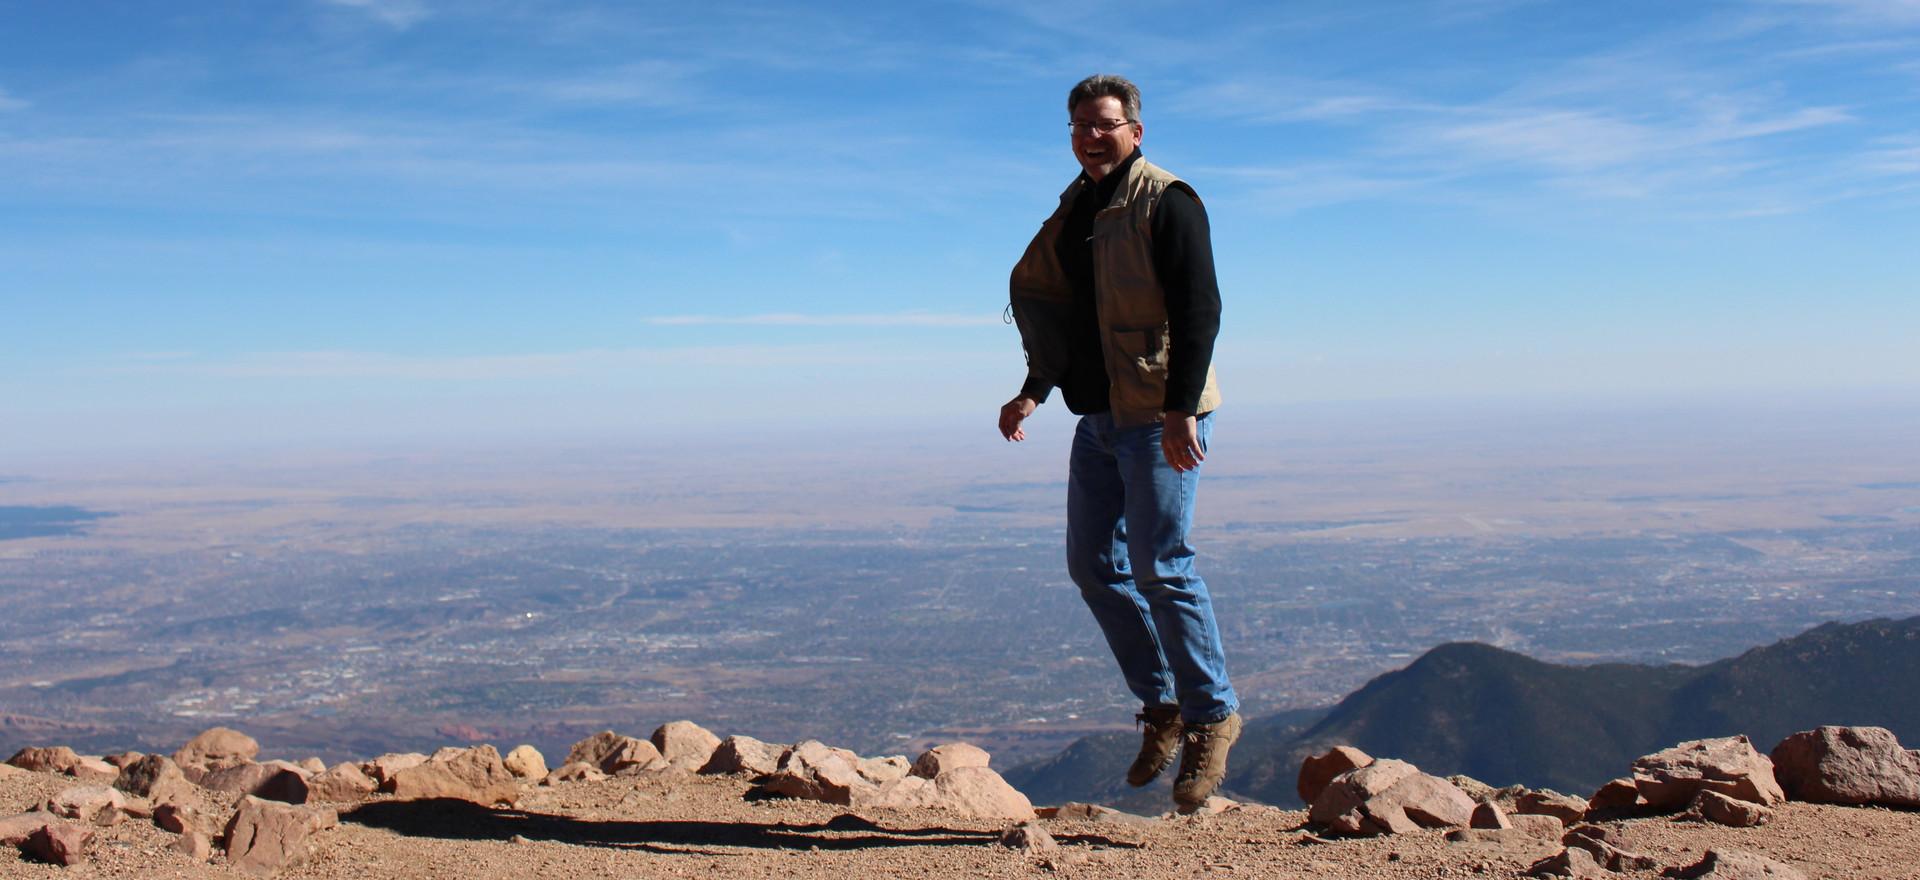 Pike's Peak, CO